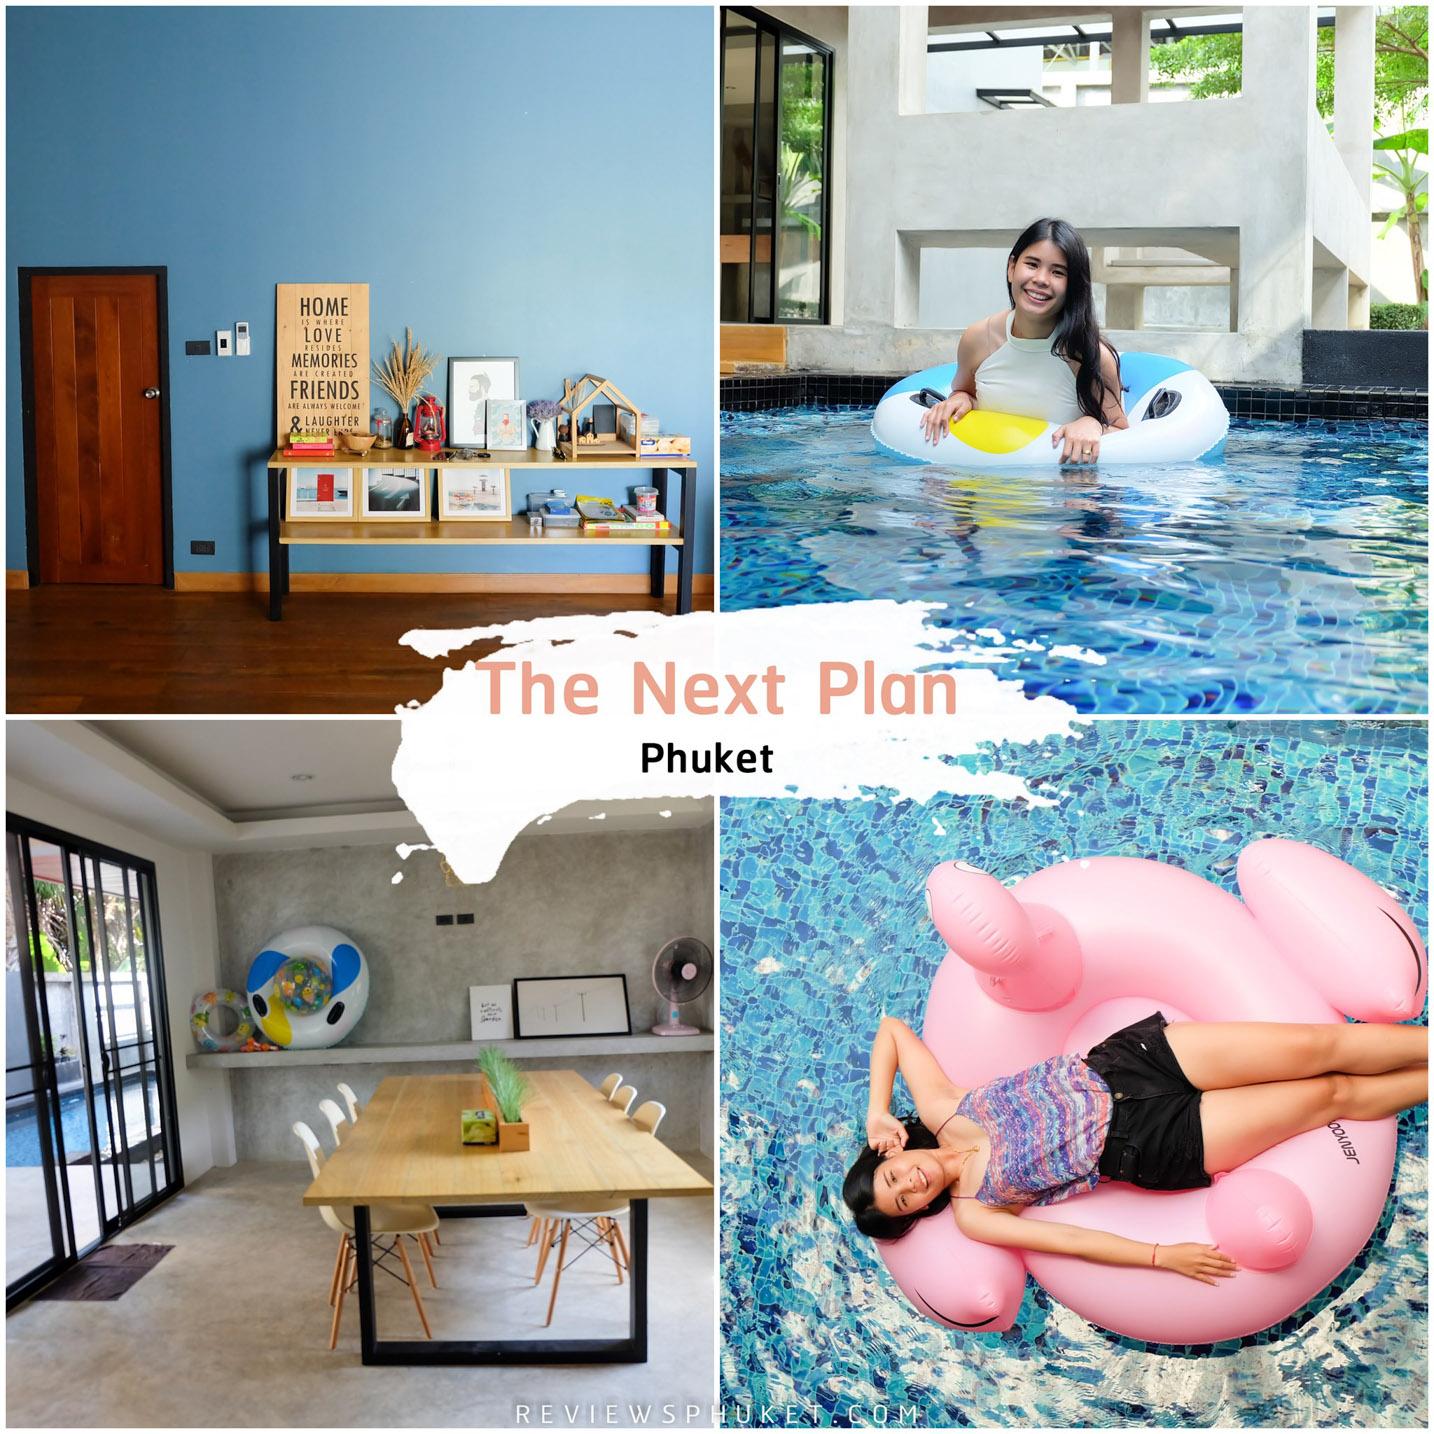 The Next Plan Phuket ที่พักภูเก็ต สุดสวยพักผ่อนชิวๆ มีสระ